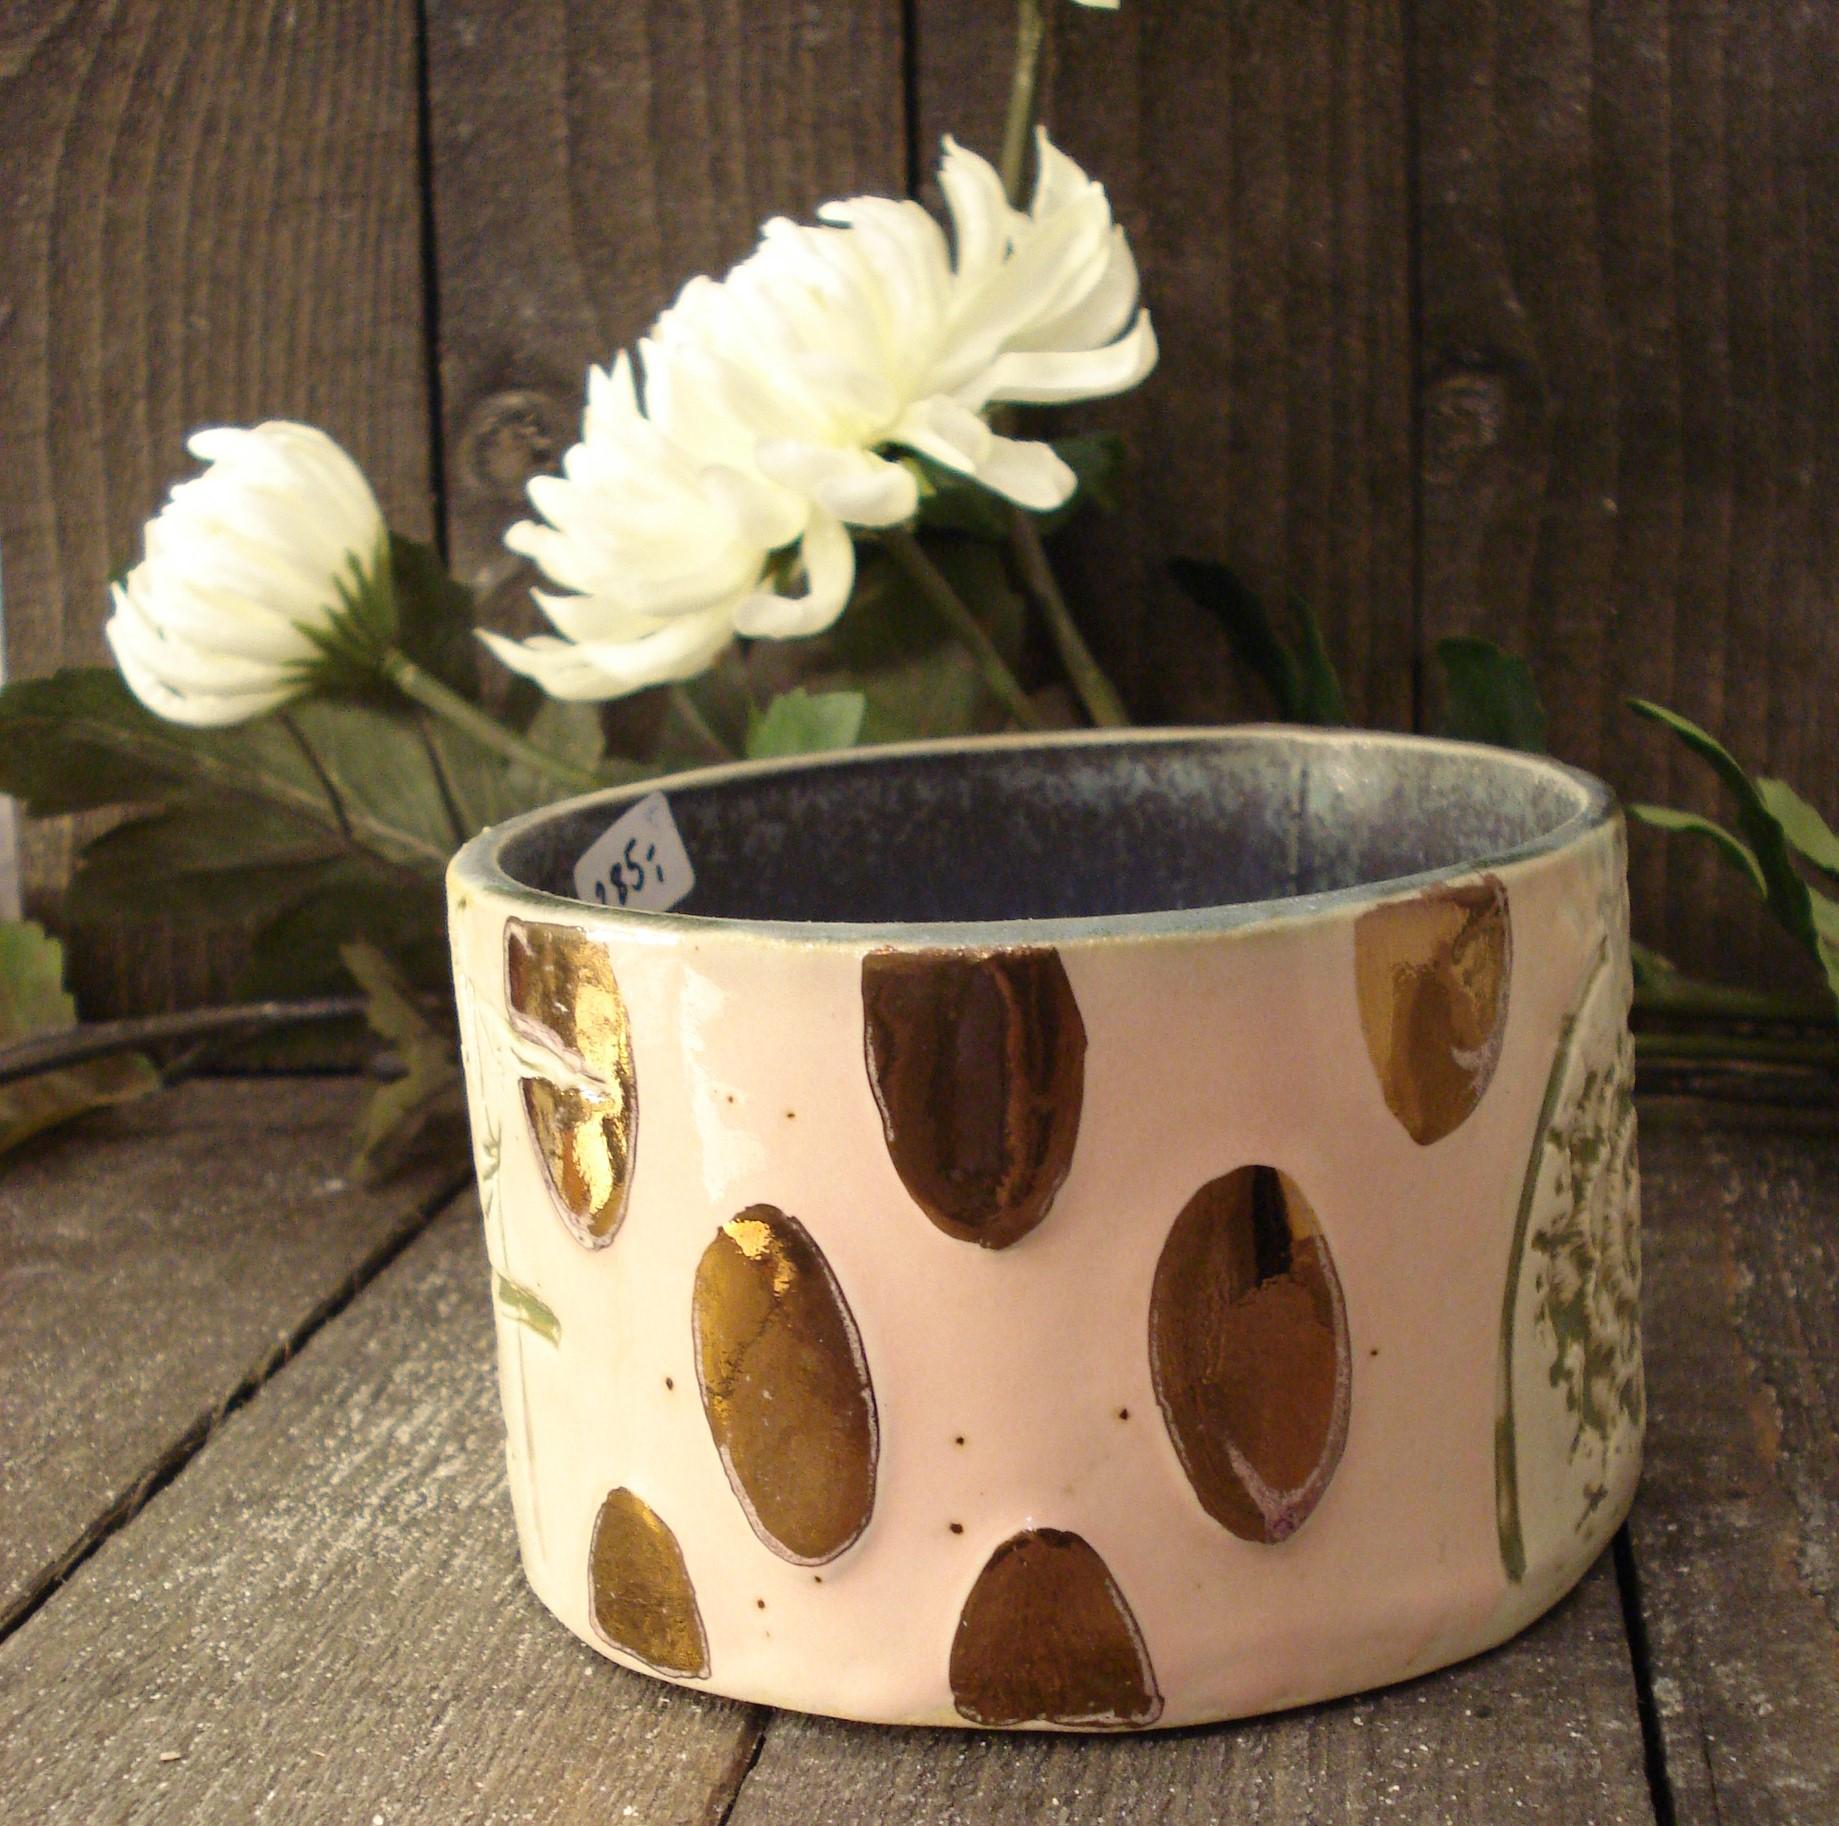 Lav keramik skål lyserød